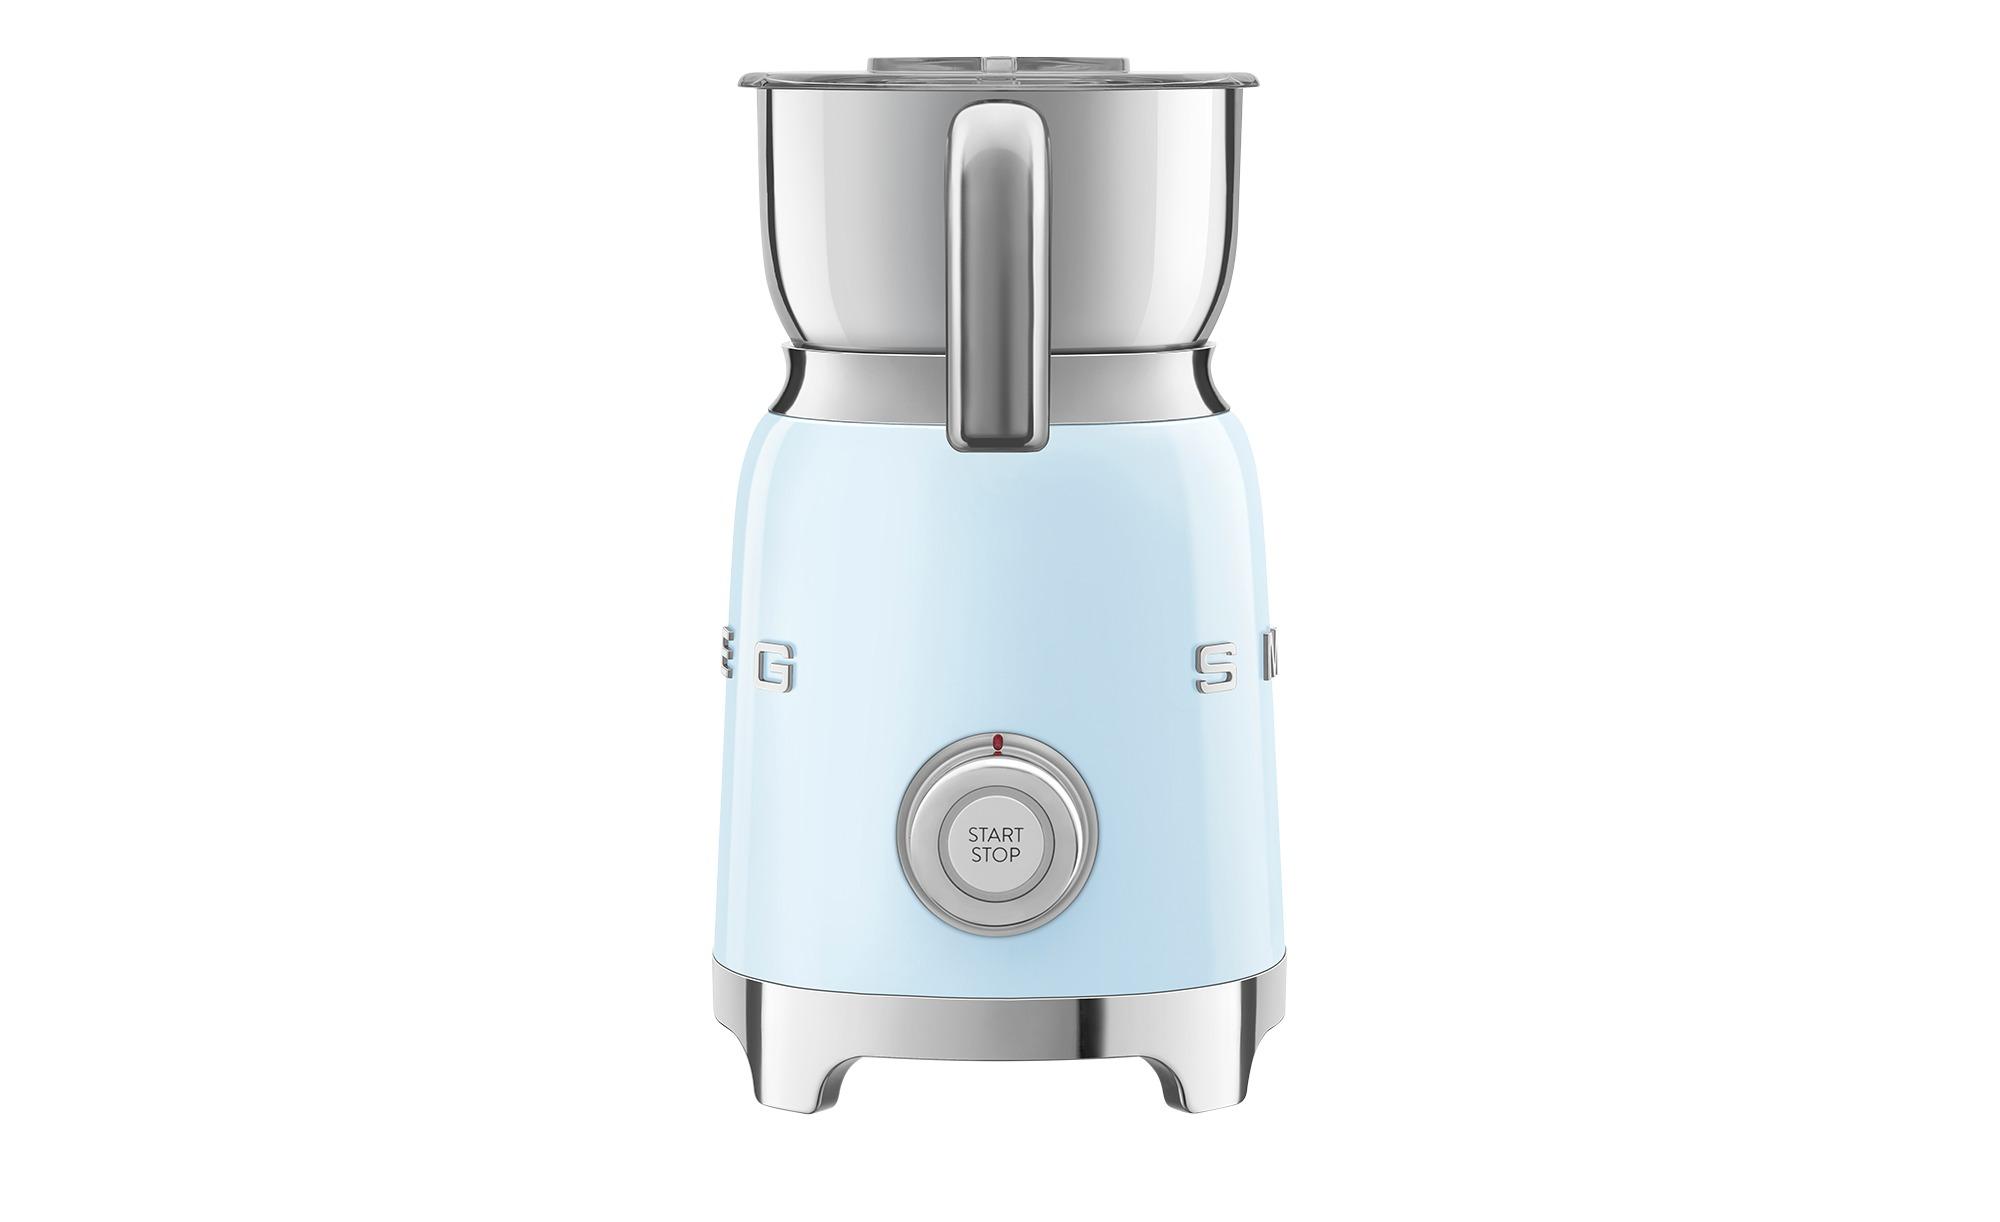 smeg Milchaufschäumer  MFF01PBEU - blau - Edelstahl, Kunststoff - 18,4 cm - 25,1 cm - 14,2 cm - Elektrokleingeräte > Kaffee & Espressomaschinen - Möbel Kraft   Küche und Esszimmer > Kaffee und Tee > Milchaufschäumer   smeg